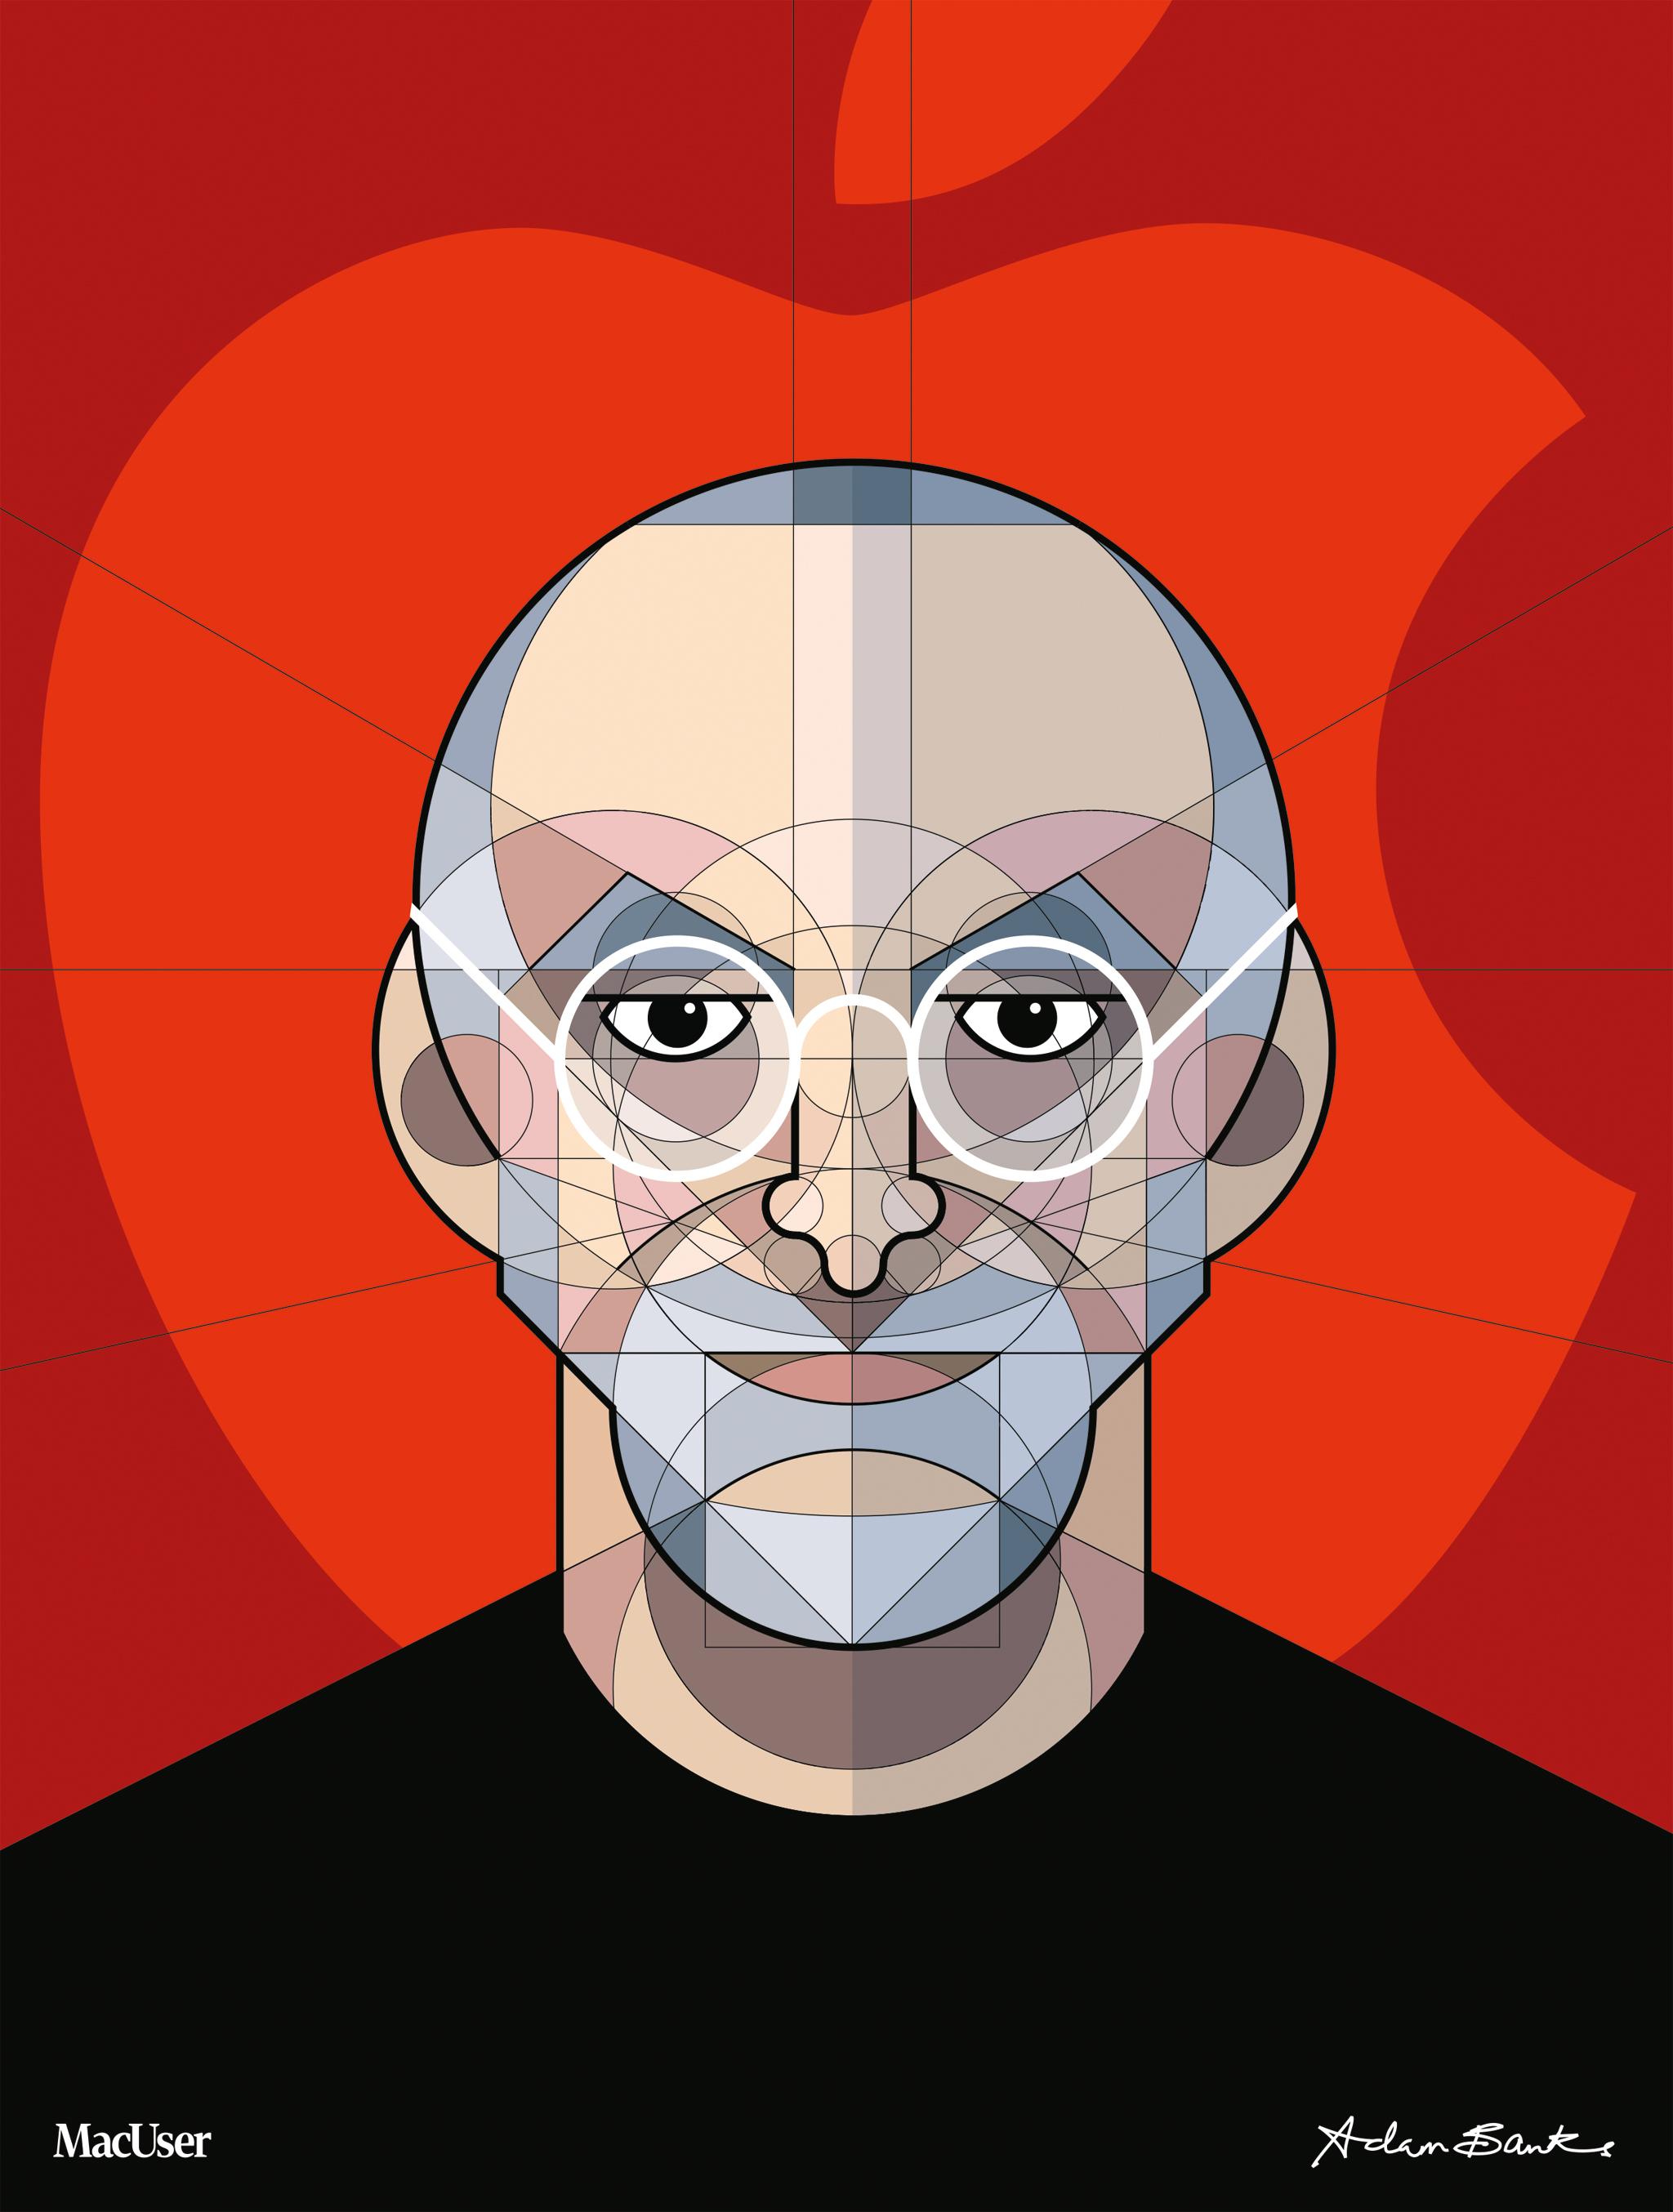 Steve Jobs portrait.jpg